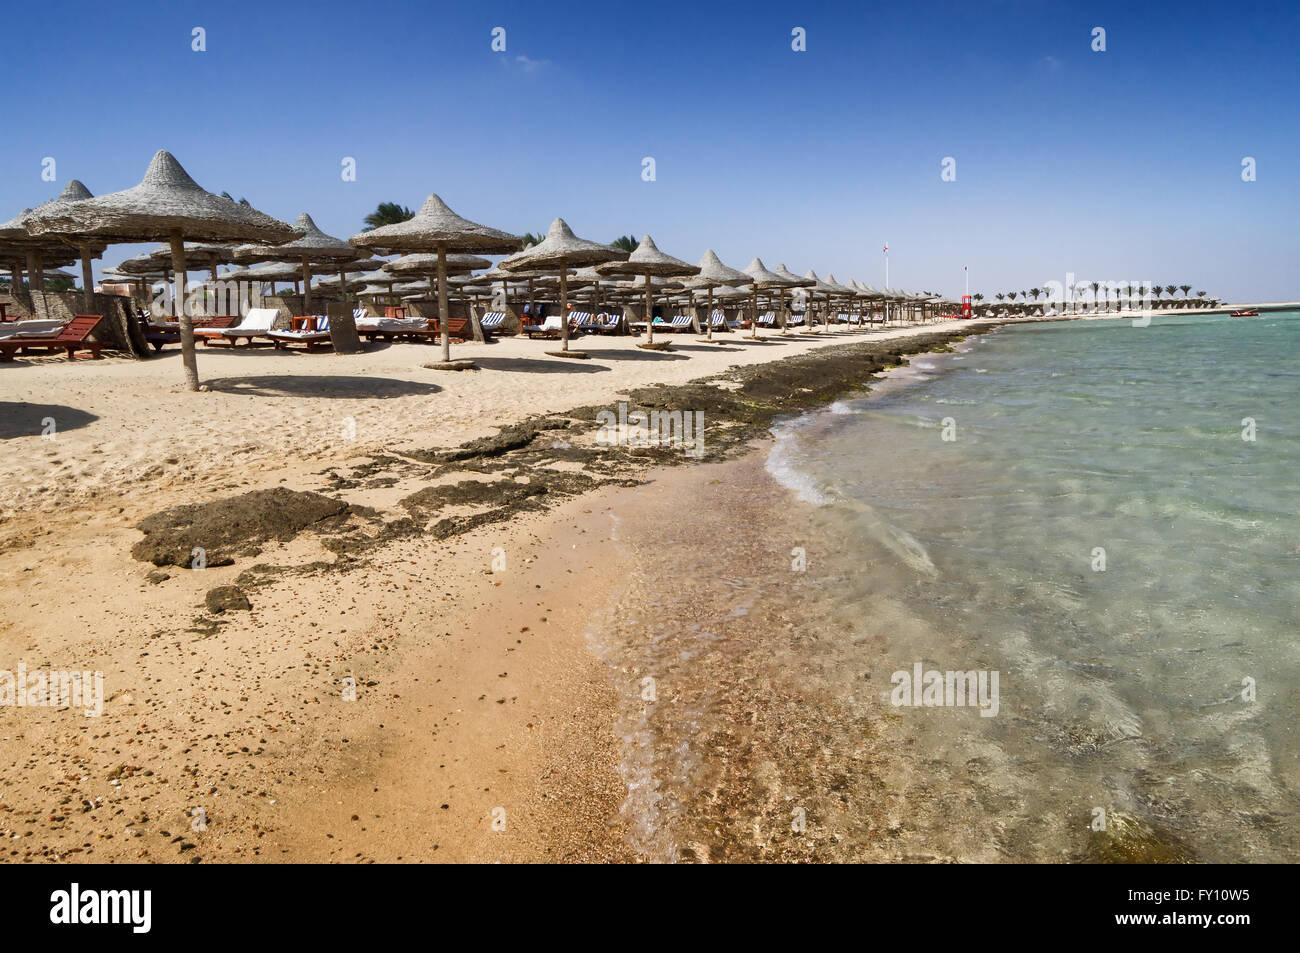 Marsa Alam spiaggia con fila di ombrellone, Egitto Immagini Stock